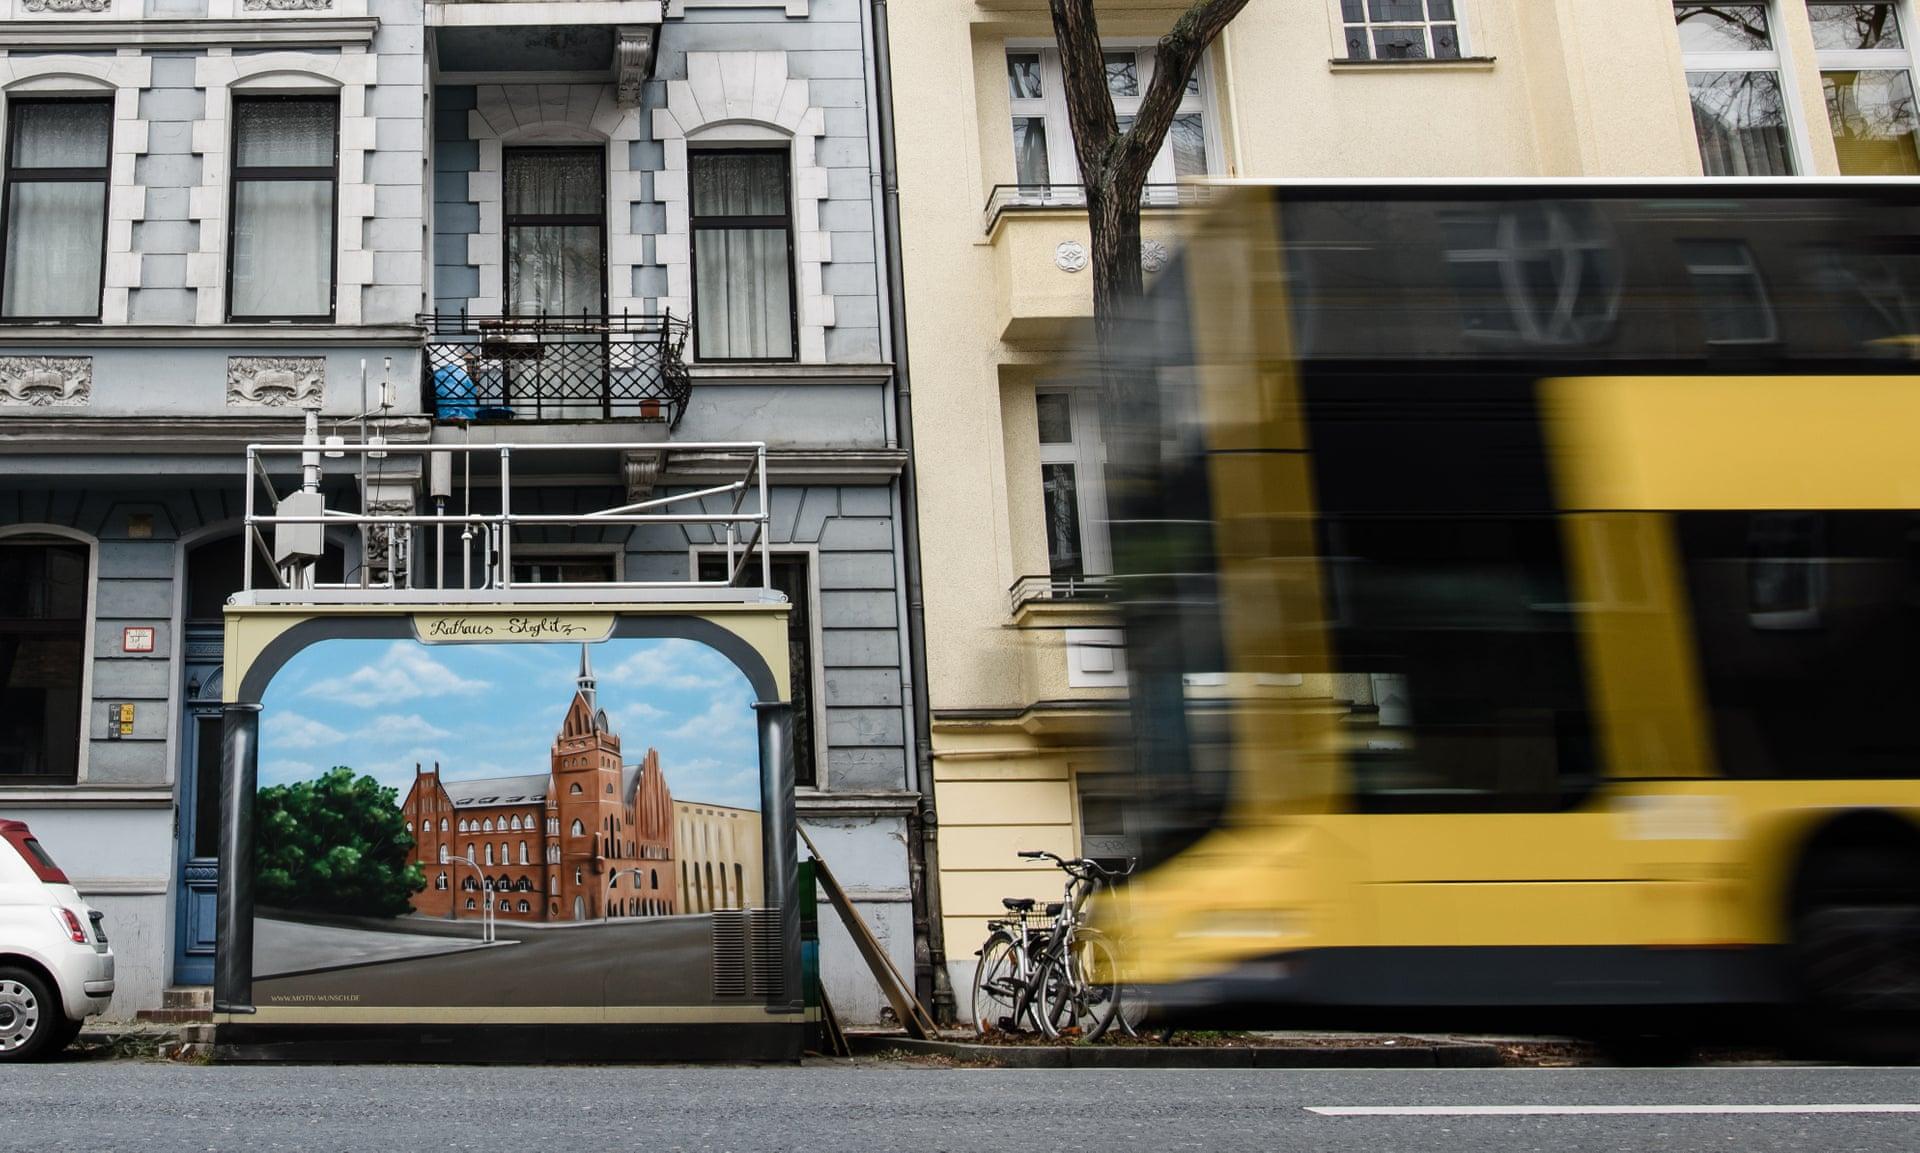 Автобус проезжает мимо станции контроля качества воздуха в Берлине. Фото: Клеменс Билан / EPA.